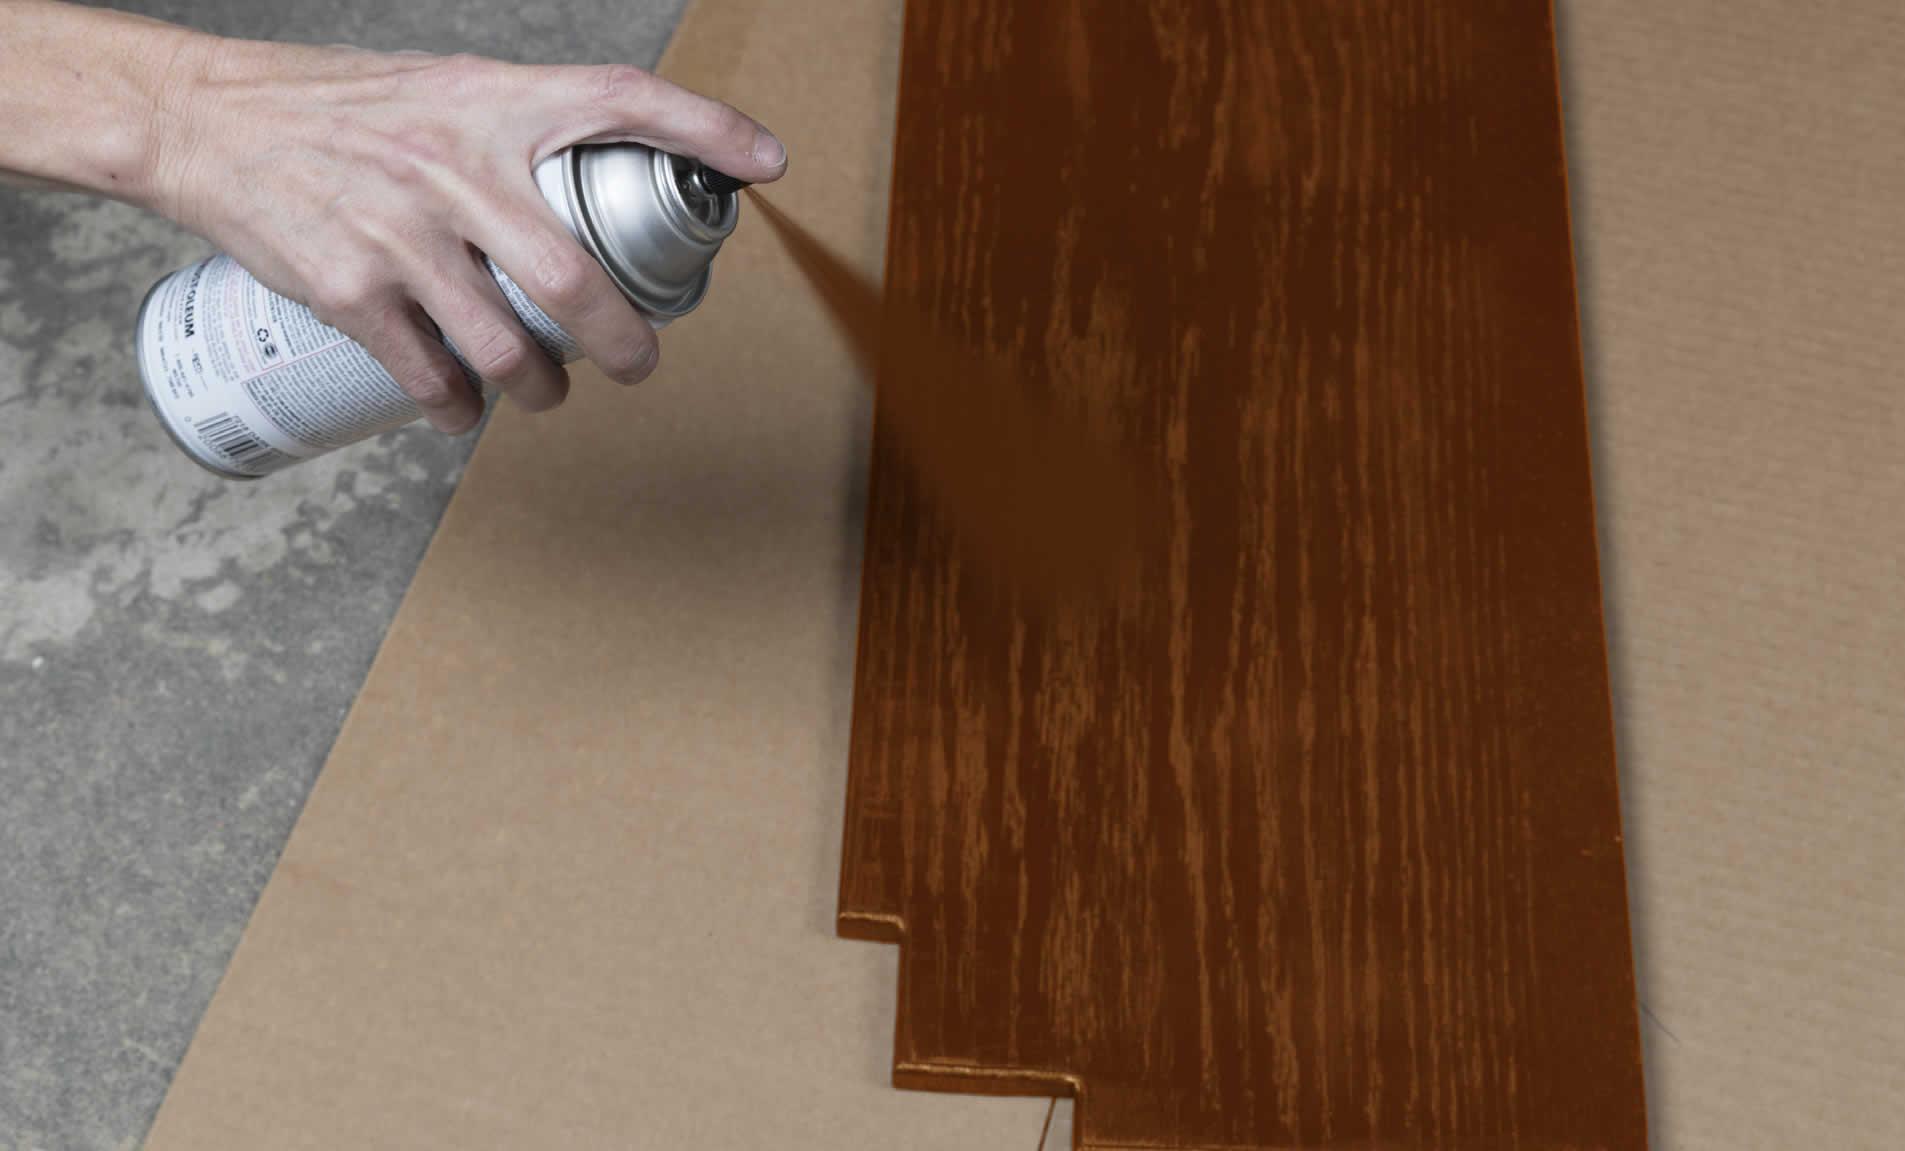 Spray painting wood